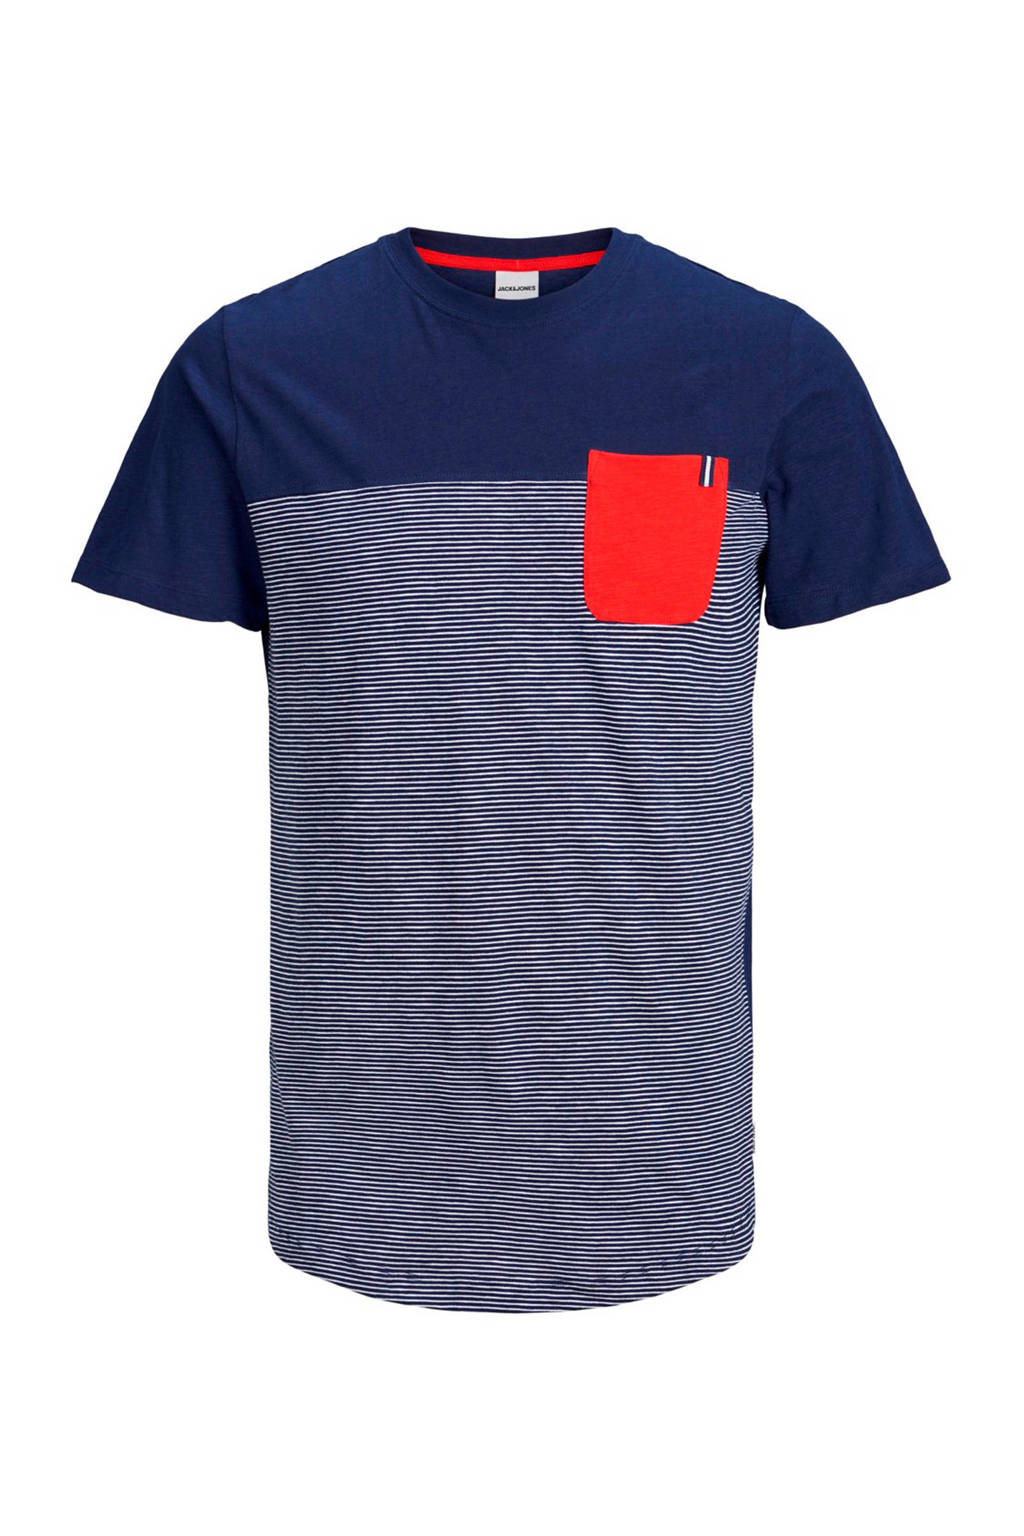 Jack & Jones Junior T-shirt Sect met korte mouwen en strepen marine, Marine/ Wit/ Rood